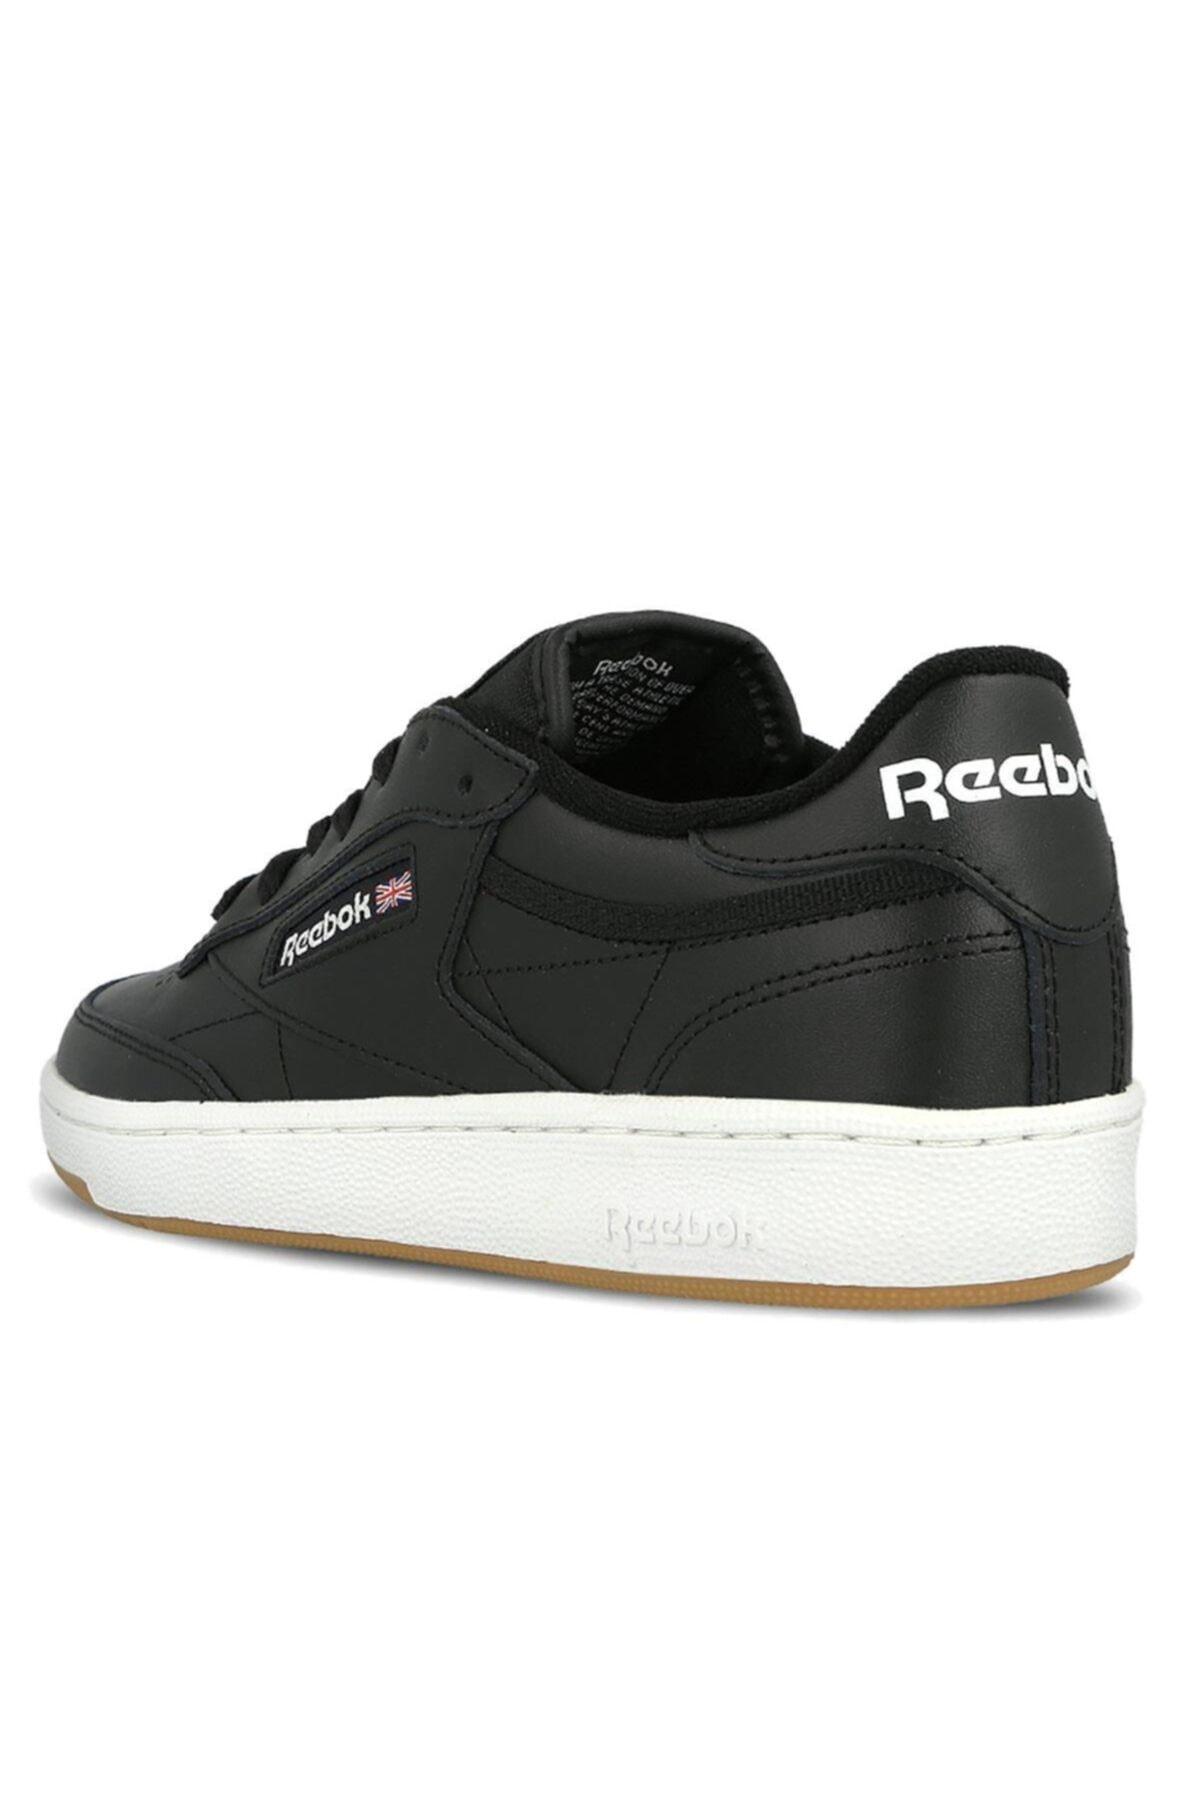 Reebok Club C 85-1 Siyah BEYAZ Erkek Sneaker 100351214 2